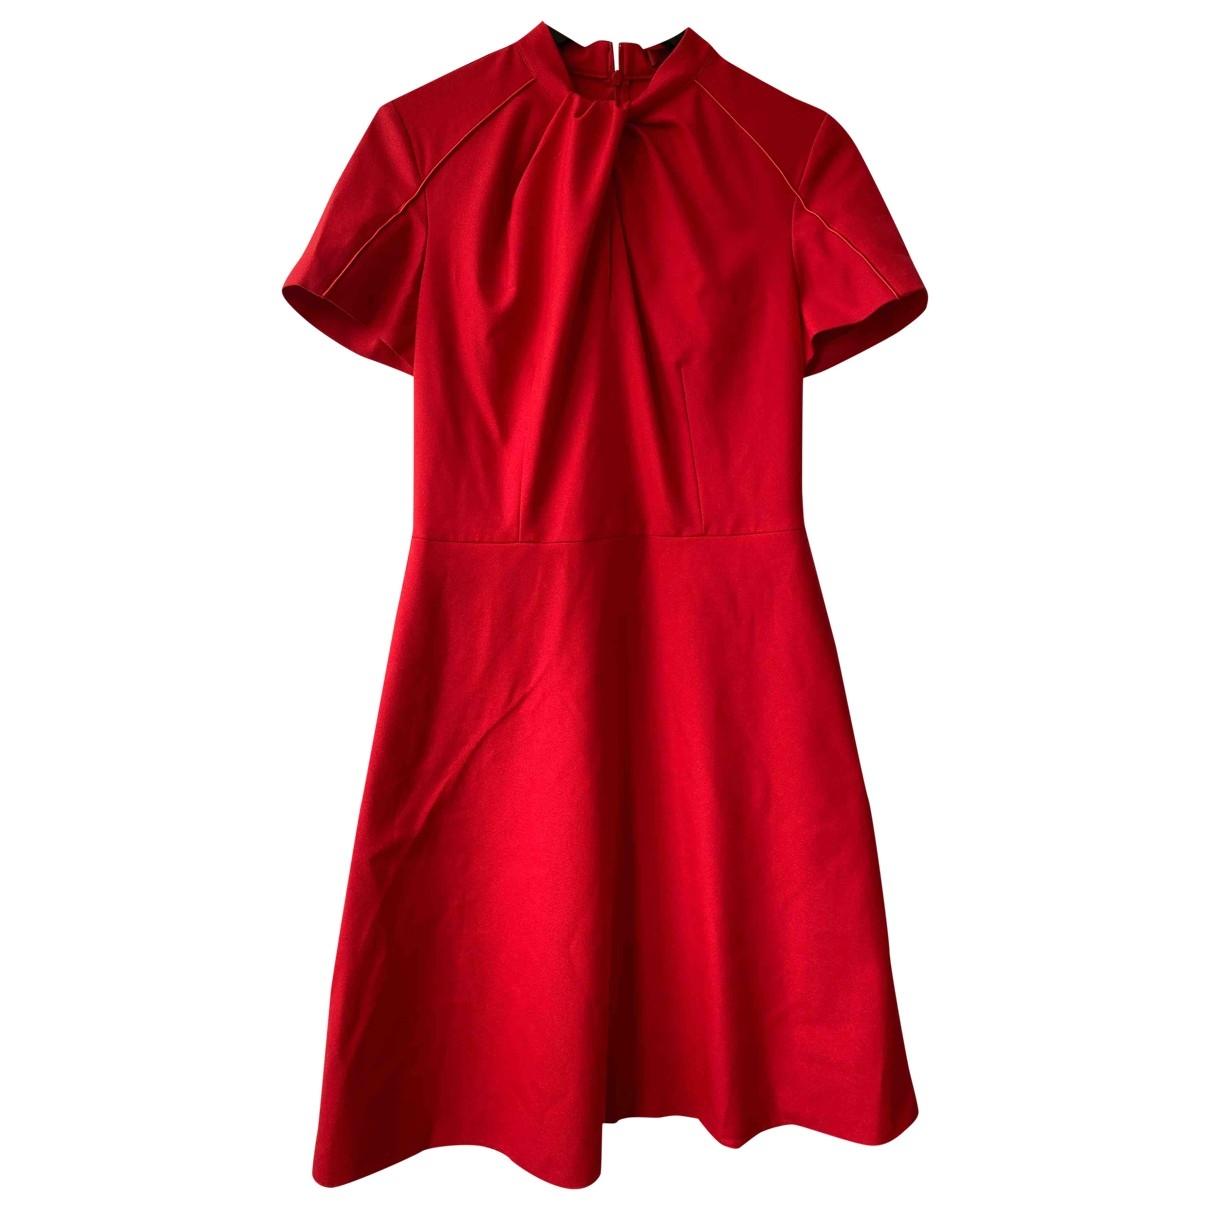 Hugo Boss \N Kleid in  Rot Polyester